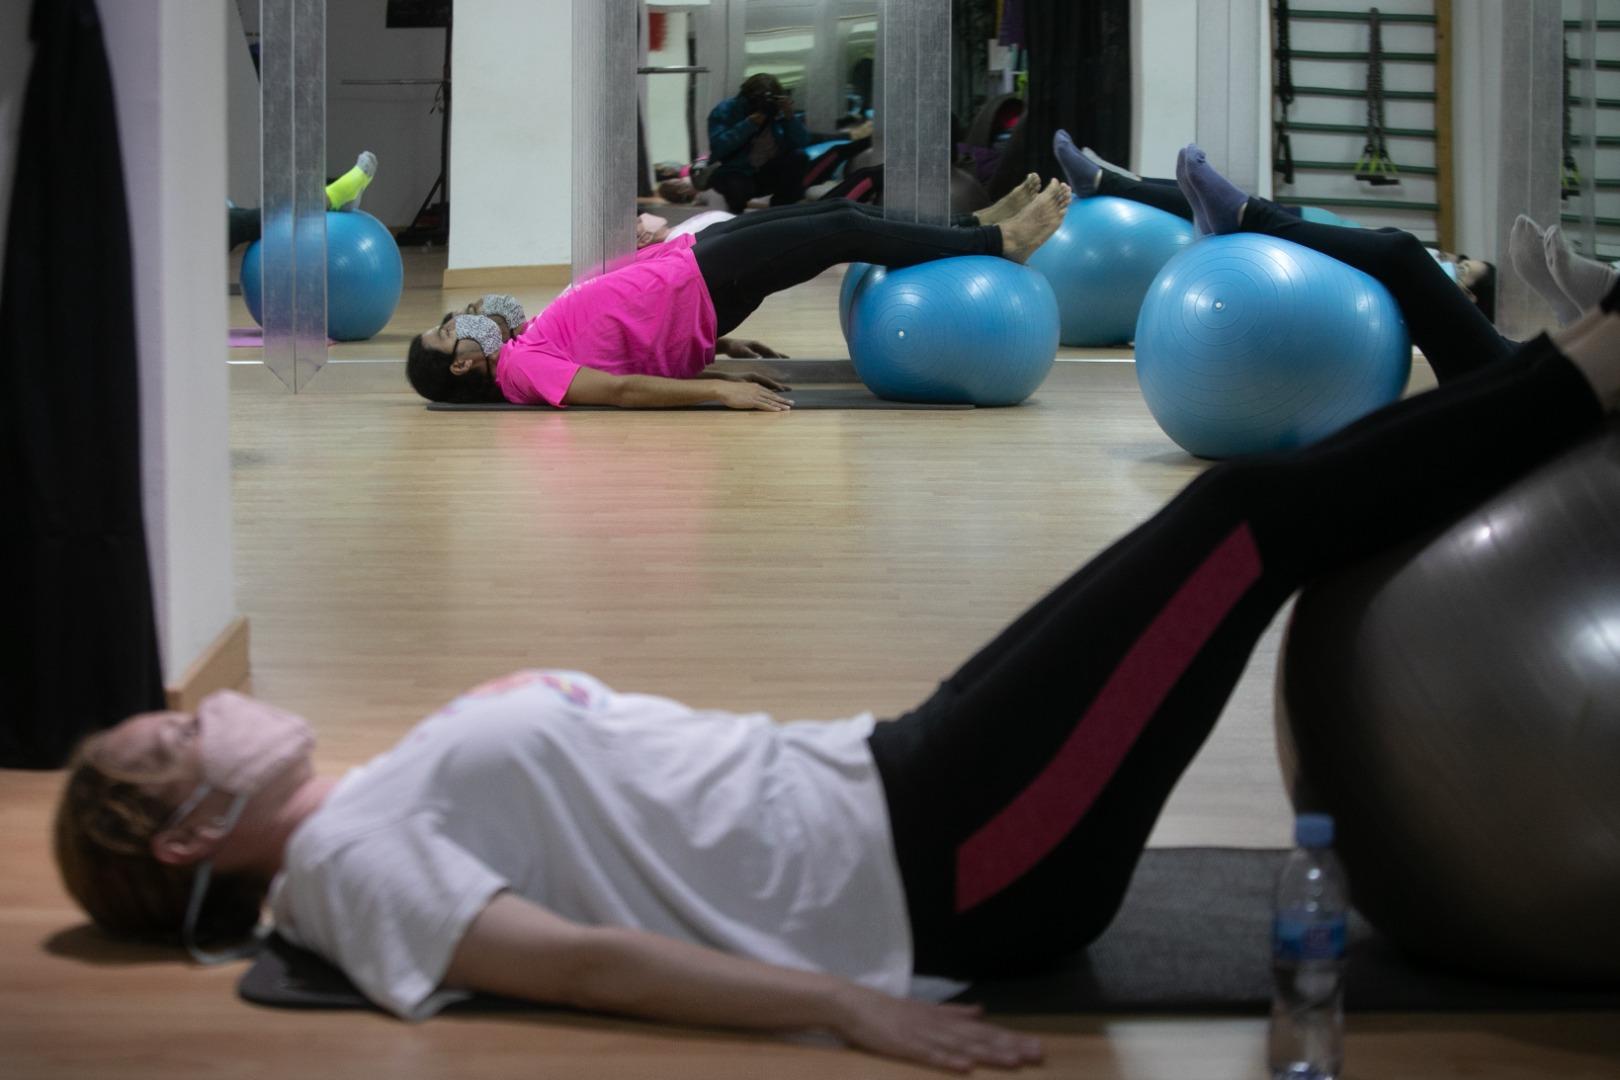 mujer haciendo pilates en el suelo con pelota